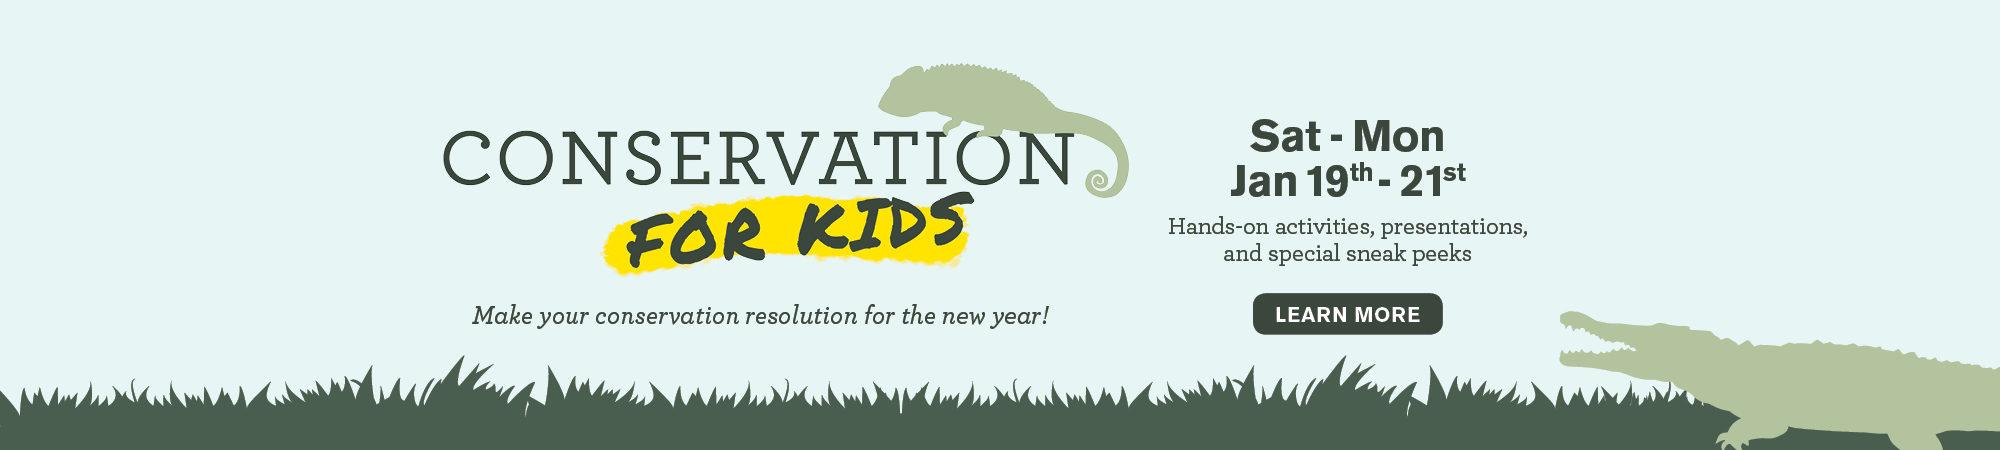 Conservation for Kids